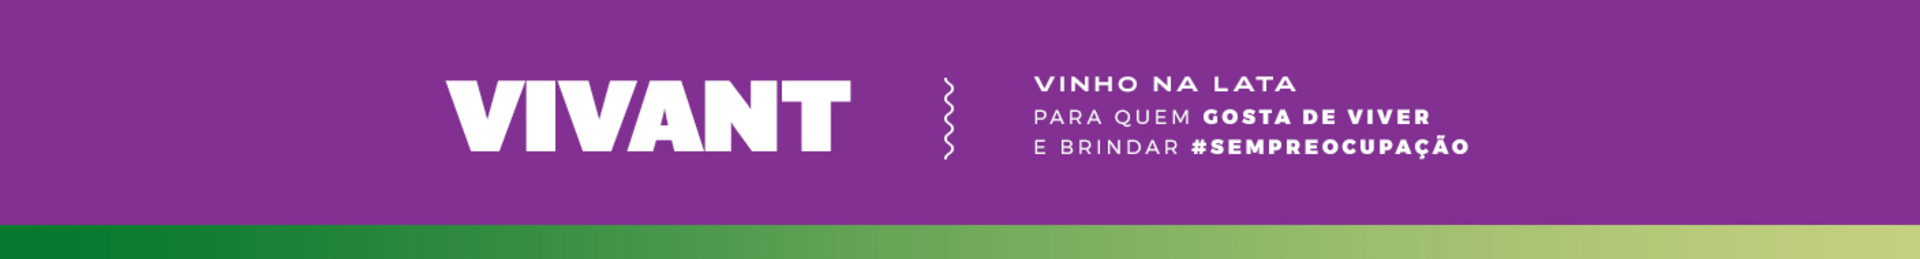 Vivant: o vinho em lata para quem gosta de viver e brindar #SemPreocupação.